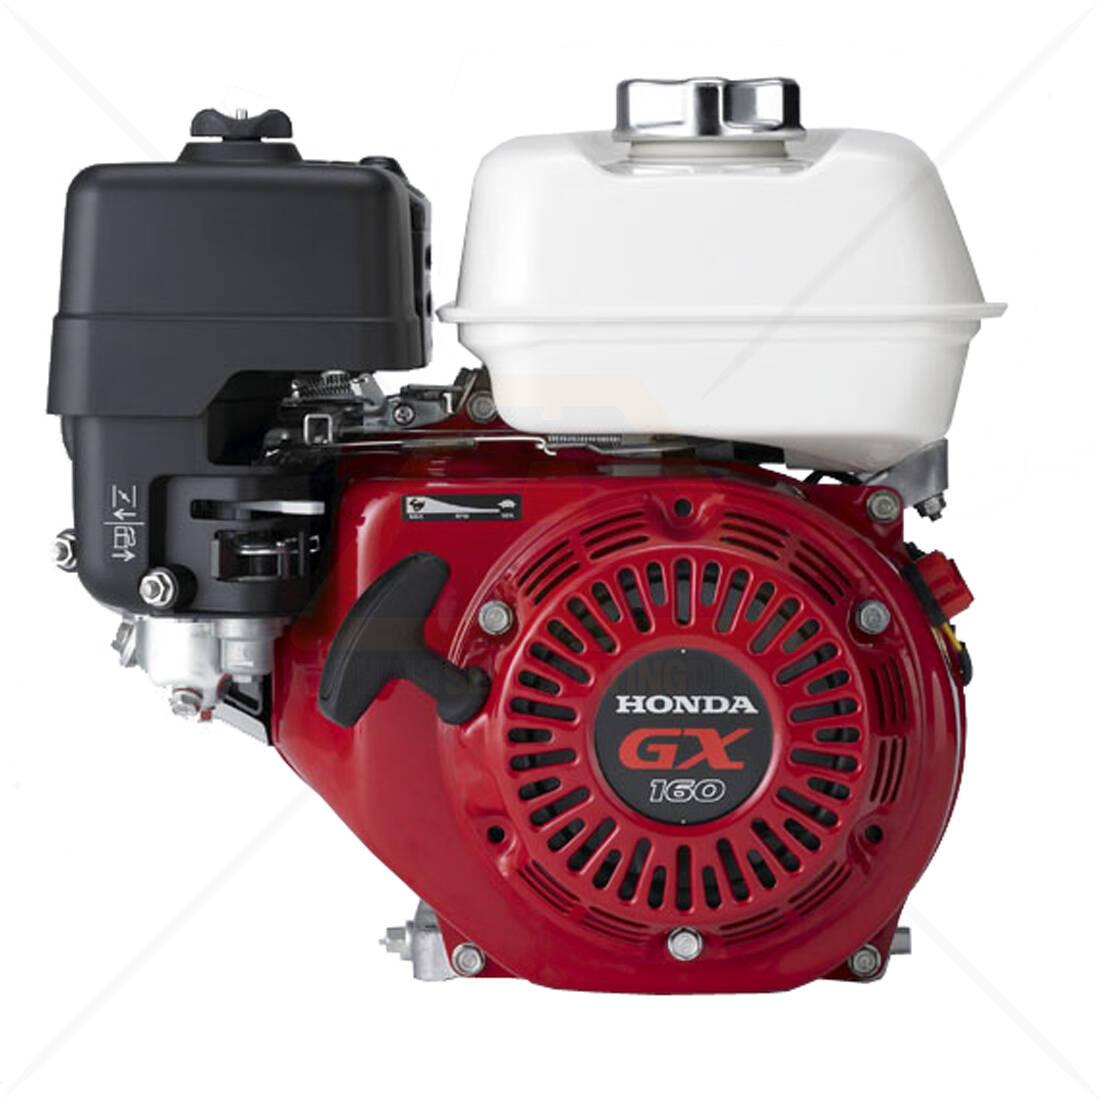 honda gx160 5 5 hp industrial engine for sale asphalt sealcoating rh asphaltsealcoatingdirect com Honda Lawn Mower Service Manuals Honda Lawn Mower Service Manuals